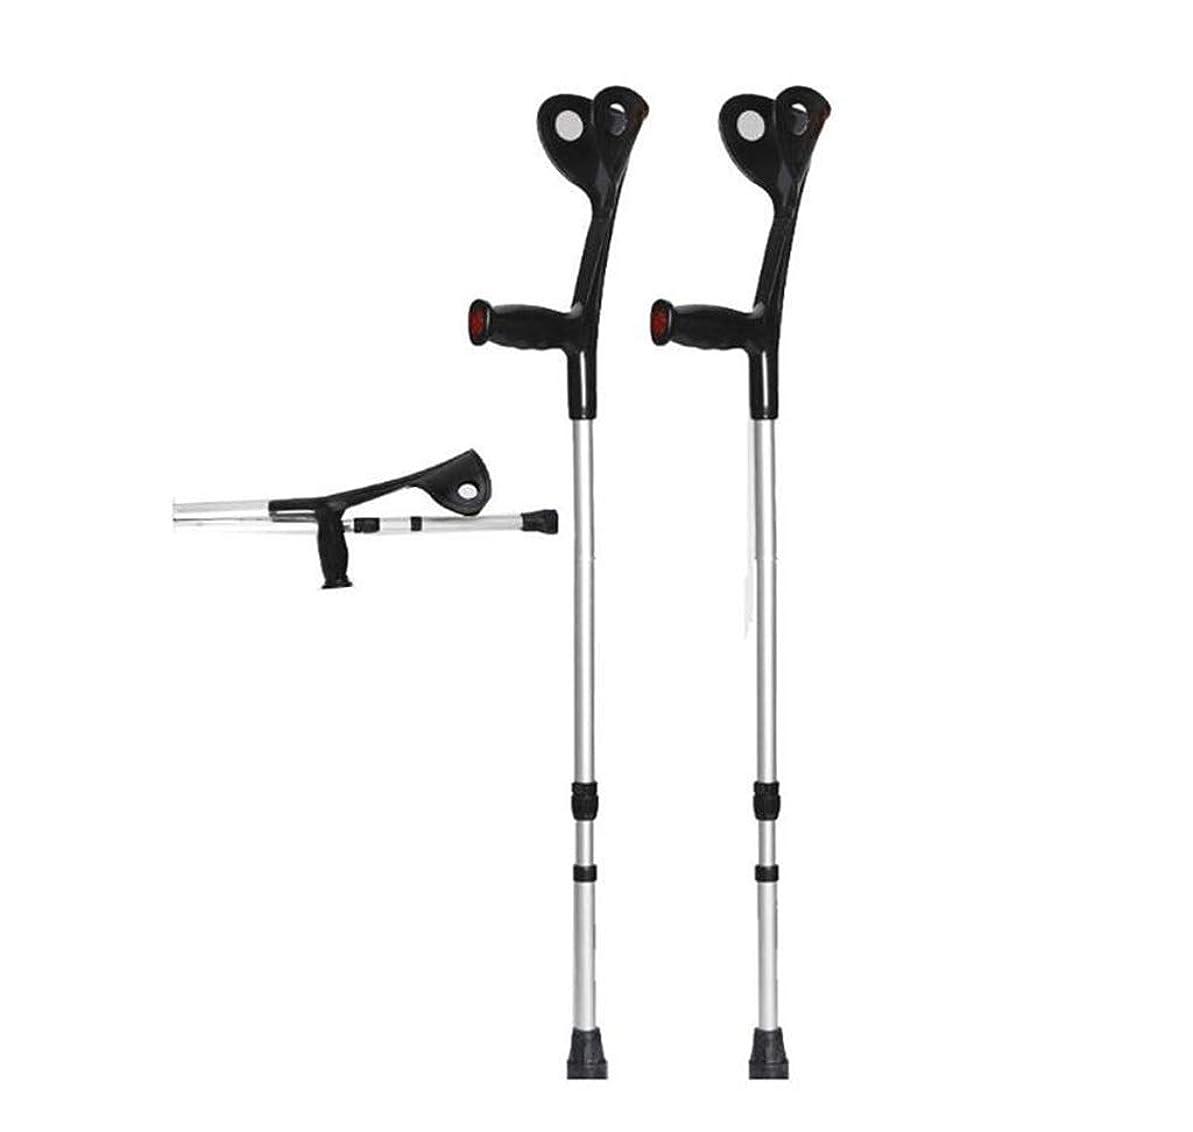 クリープ傭兵マイナー松葉杖折りたたみ歩行前腕松葉杖軽量アームカフ松葉杖調節可能な脇の松葉杖大人用, 人間工学に基づいたハンドル